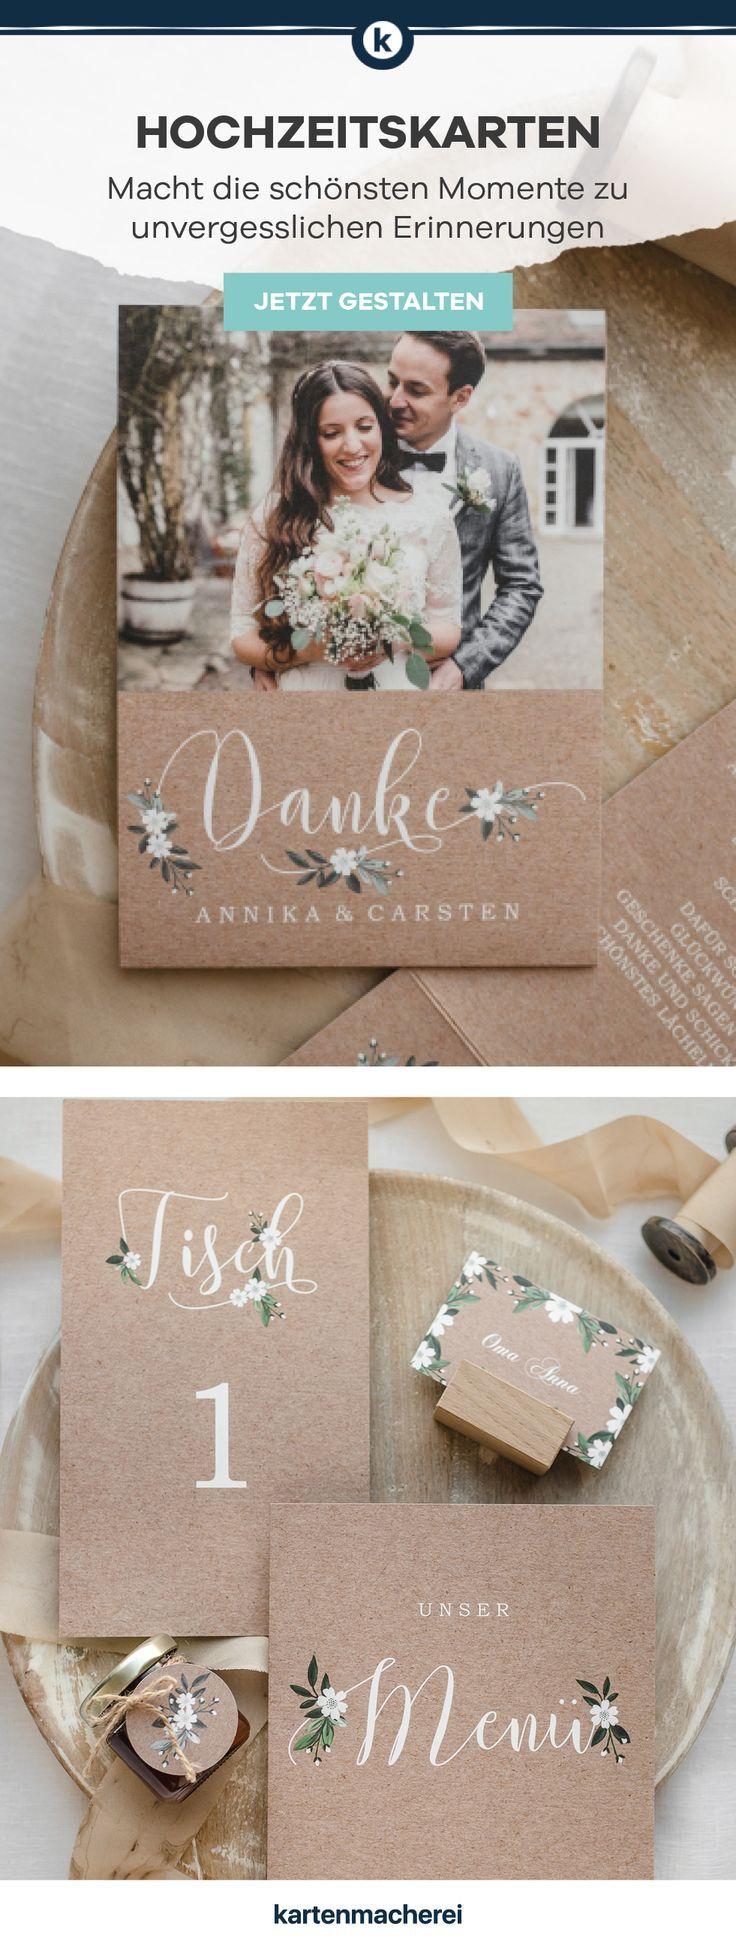 DIY Tischkarten aus Weinkorken einfach selbermachen mit dem - Hochzeit #personalizedwedding